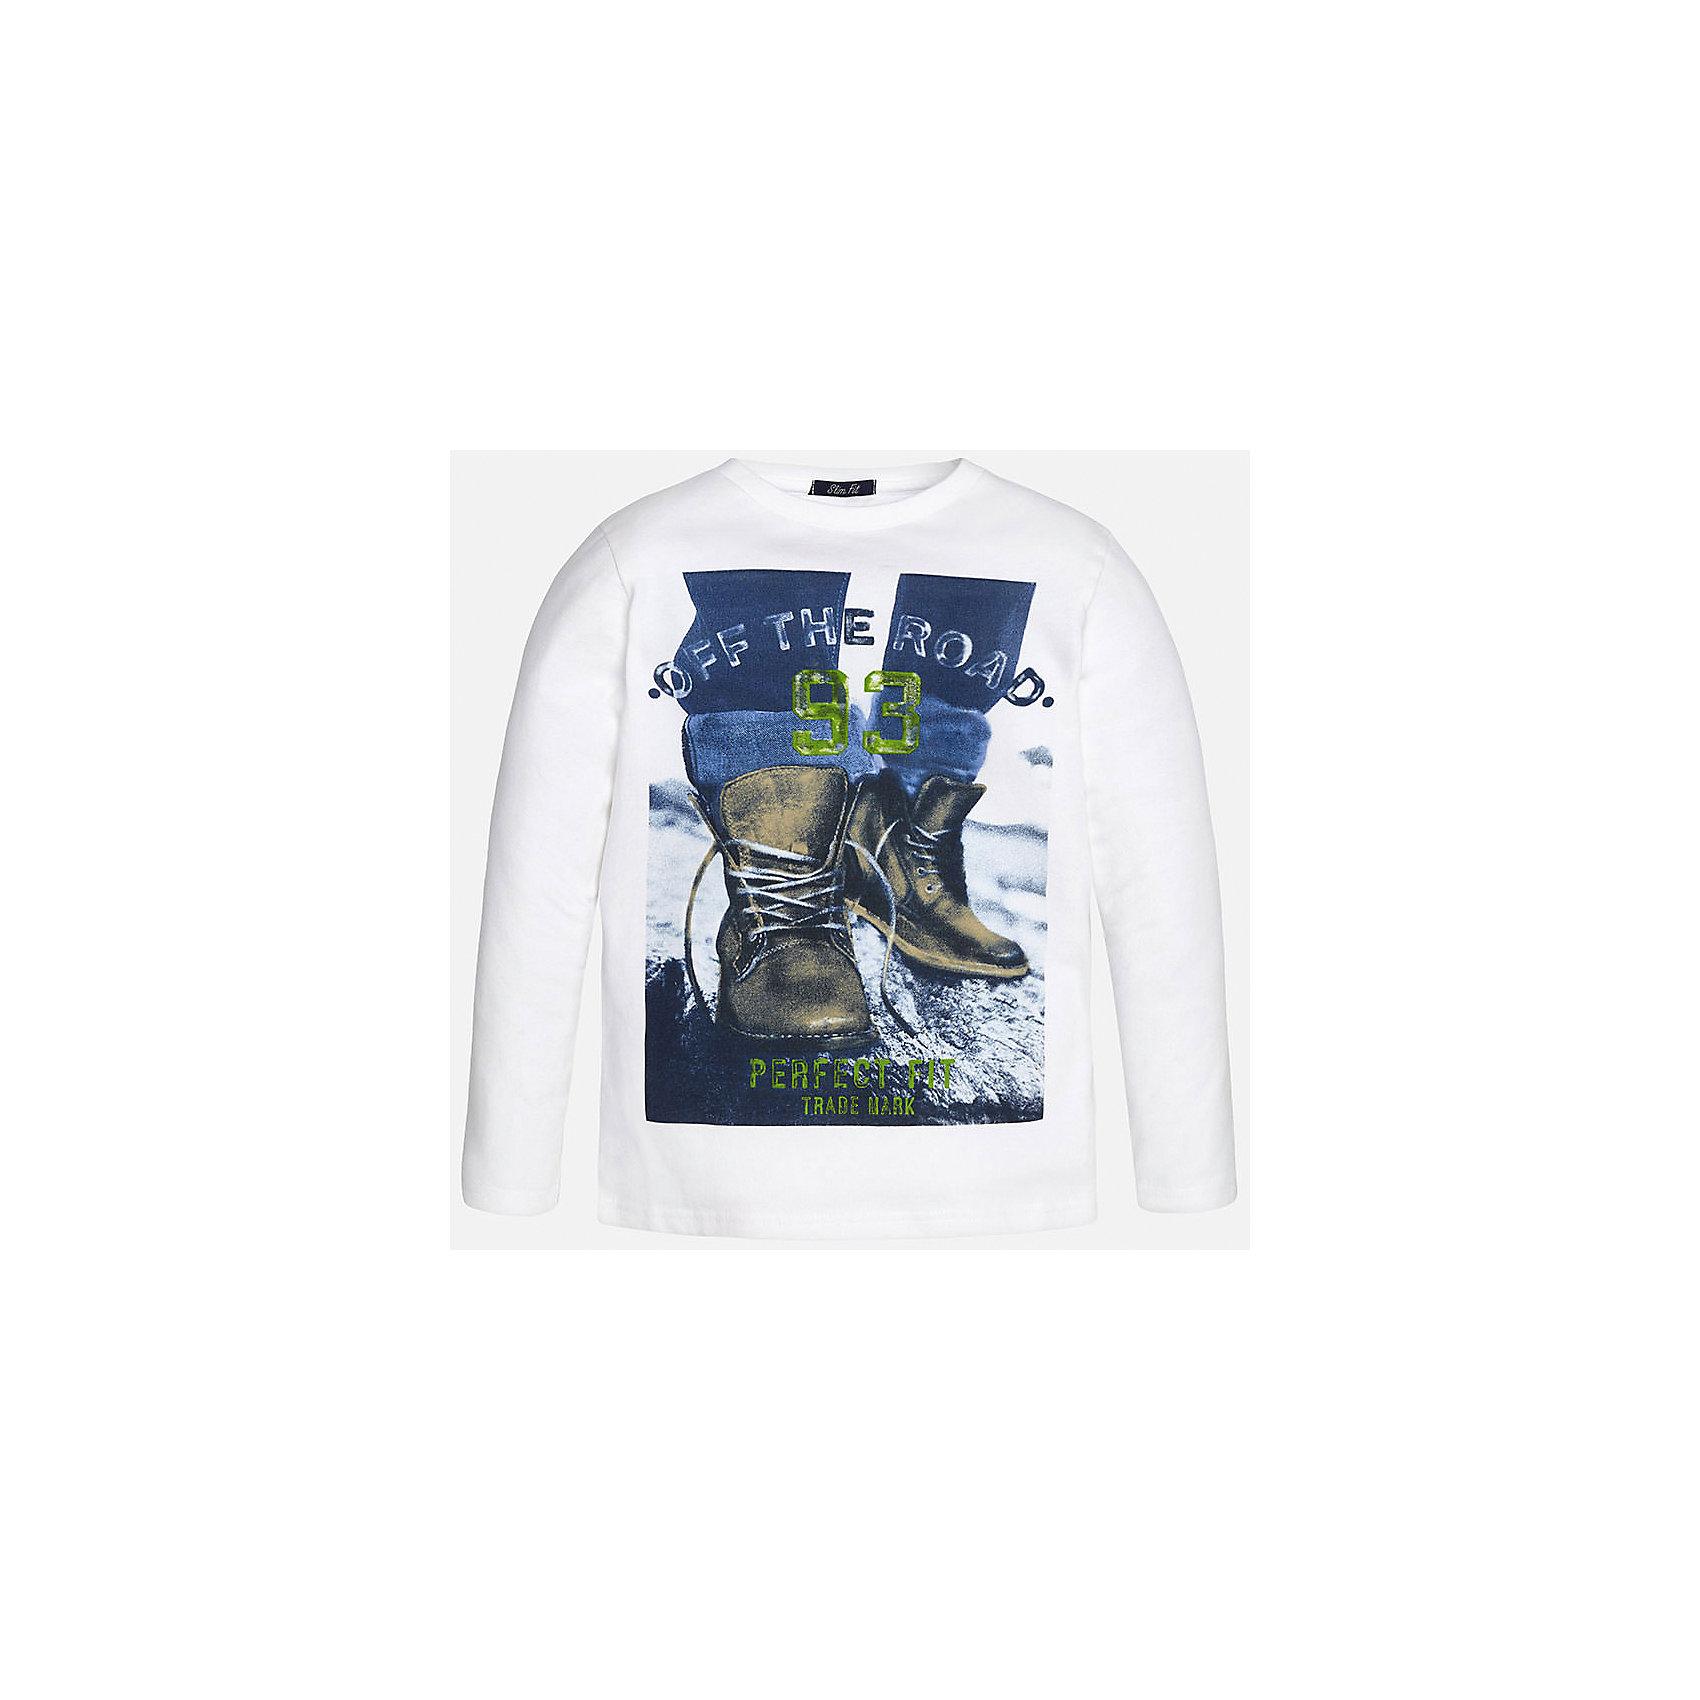 Футболка с длинным рукавом  для мальчика MayoralХлопковая футболка с длинными рукавами - это  базовая вещь в любом гардеробе. Благодаря длинным рукавам и легкому составу ткани, ее можно носить в любое время года, а яркий орнамент, подчеркнет индивидуальный стиль Вашего ребенка!<br><br>Дополнительная информация:<br><br>- Крой: приталенный крой.<br>- Страна бренда: Испания.<br>- Состав: хлопок 100%.<br>- Цвет: белый.<br>- Уход: бережная стирка при 30 градусах.<br><br>Купить футболку с длинным рукавом для мальчика, от  Mayoral, можно в нашем магазине.<br><br>Ширина мм: 230<br>Глубина мм: 40<br>Высота мм: 220<br>Вес г: 250<br>Цвет: белый<br>Возраст от месяцев: 96<br>Возраст до месяцев: 108<br>Пол: Мужской<br>Возраст: Детский<br>Размер: 128/134,164/170,158/164,158/164,146/152,140/146<br>SKU: 4826750